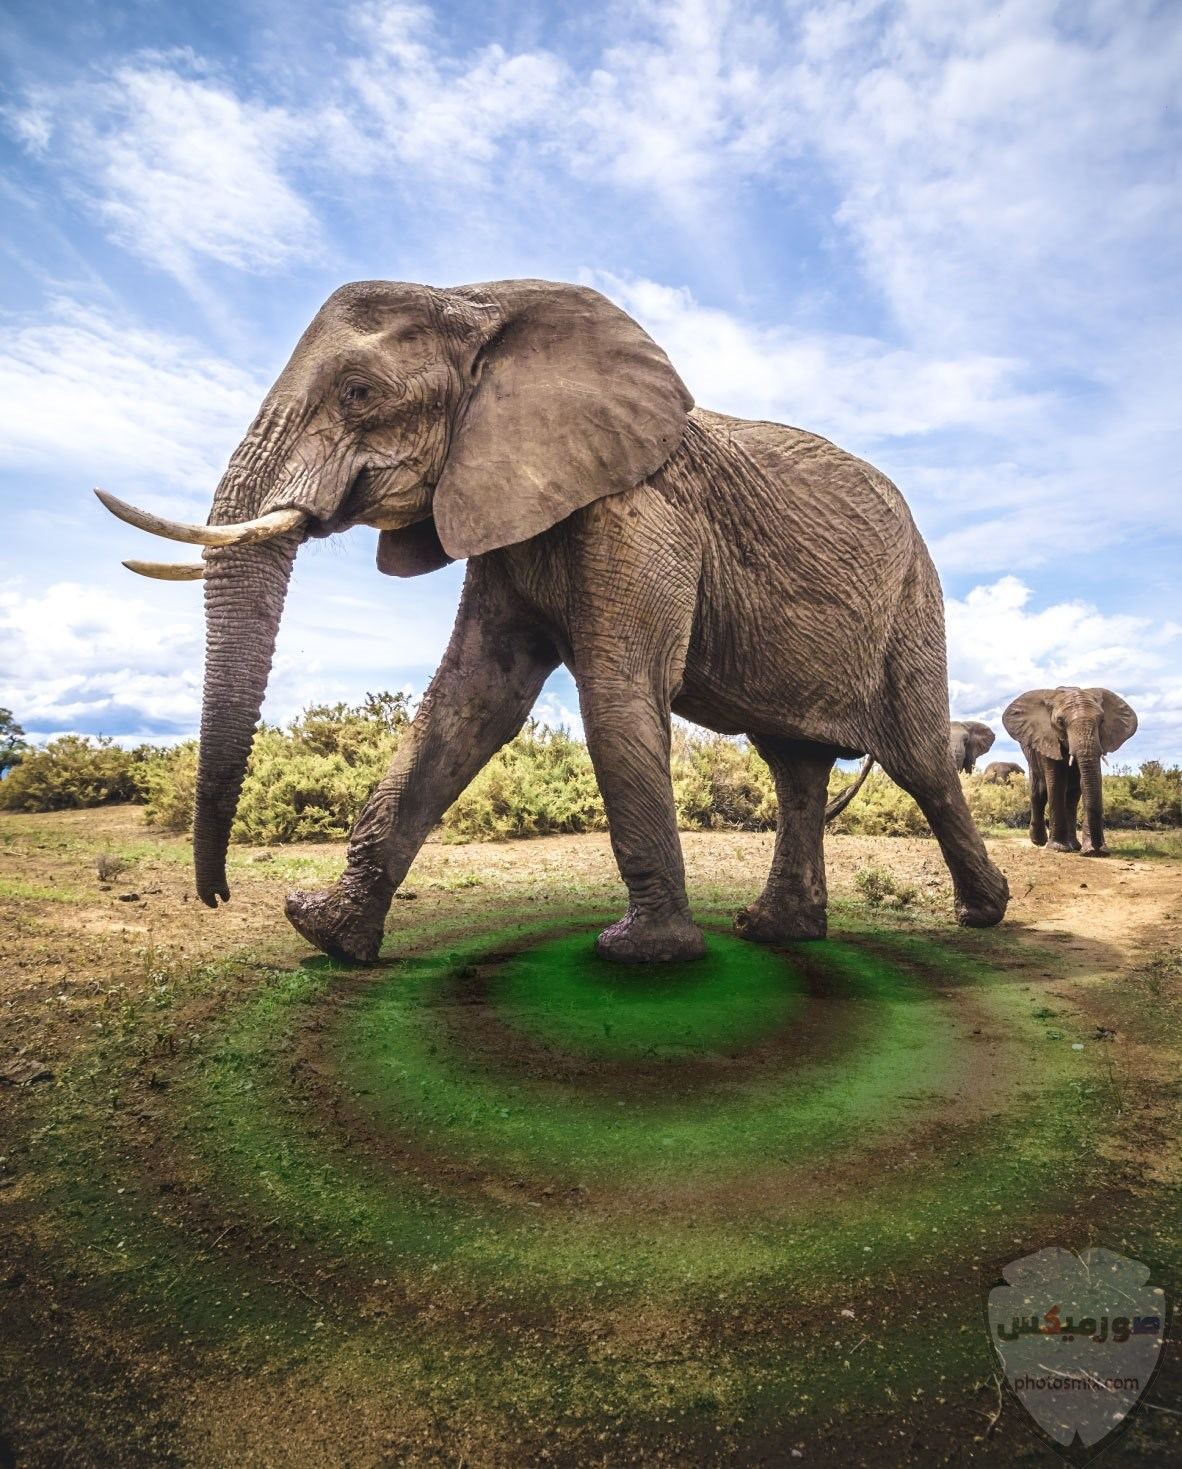 صور وخلفيات الفيل ومعلومات كاملة عن الفيل 26 1